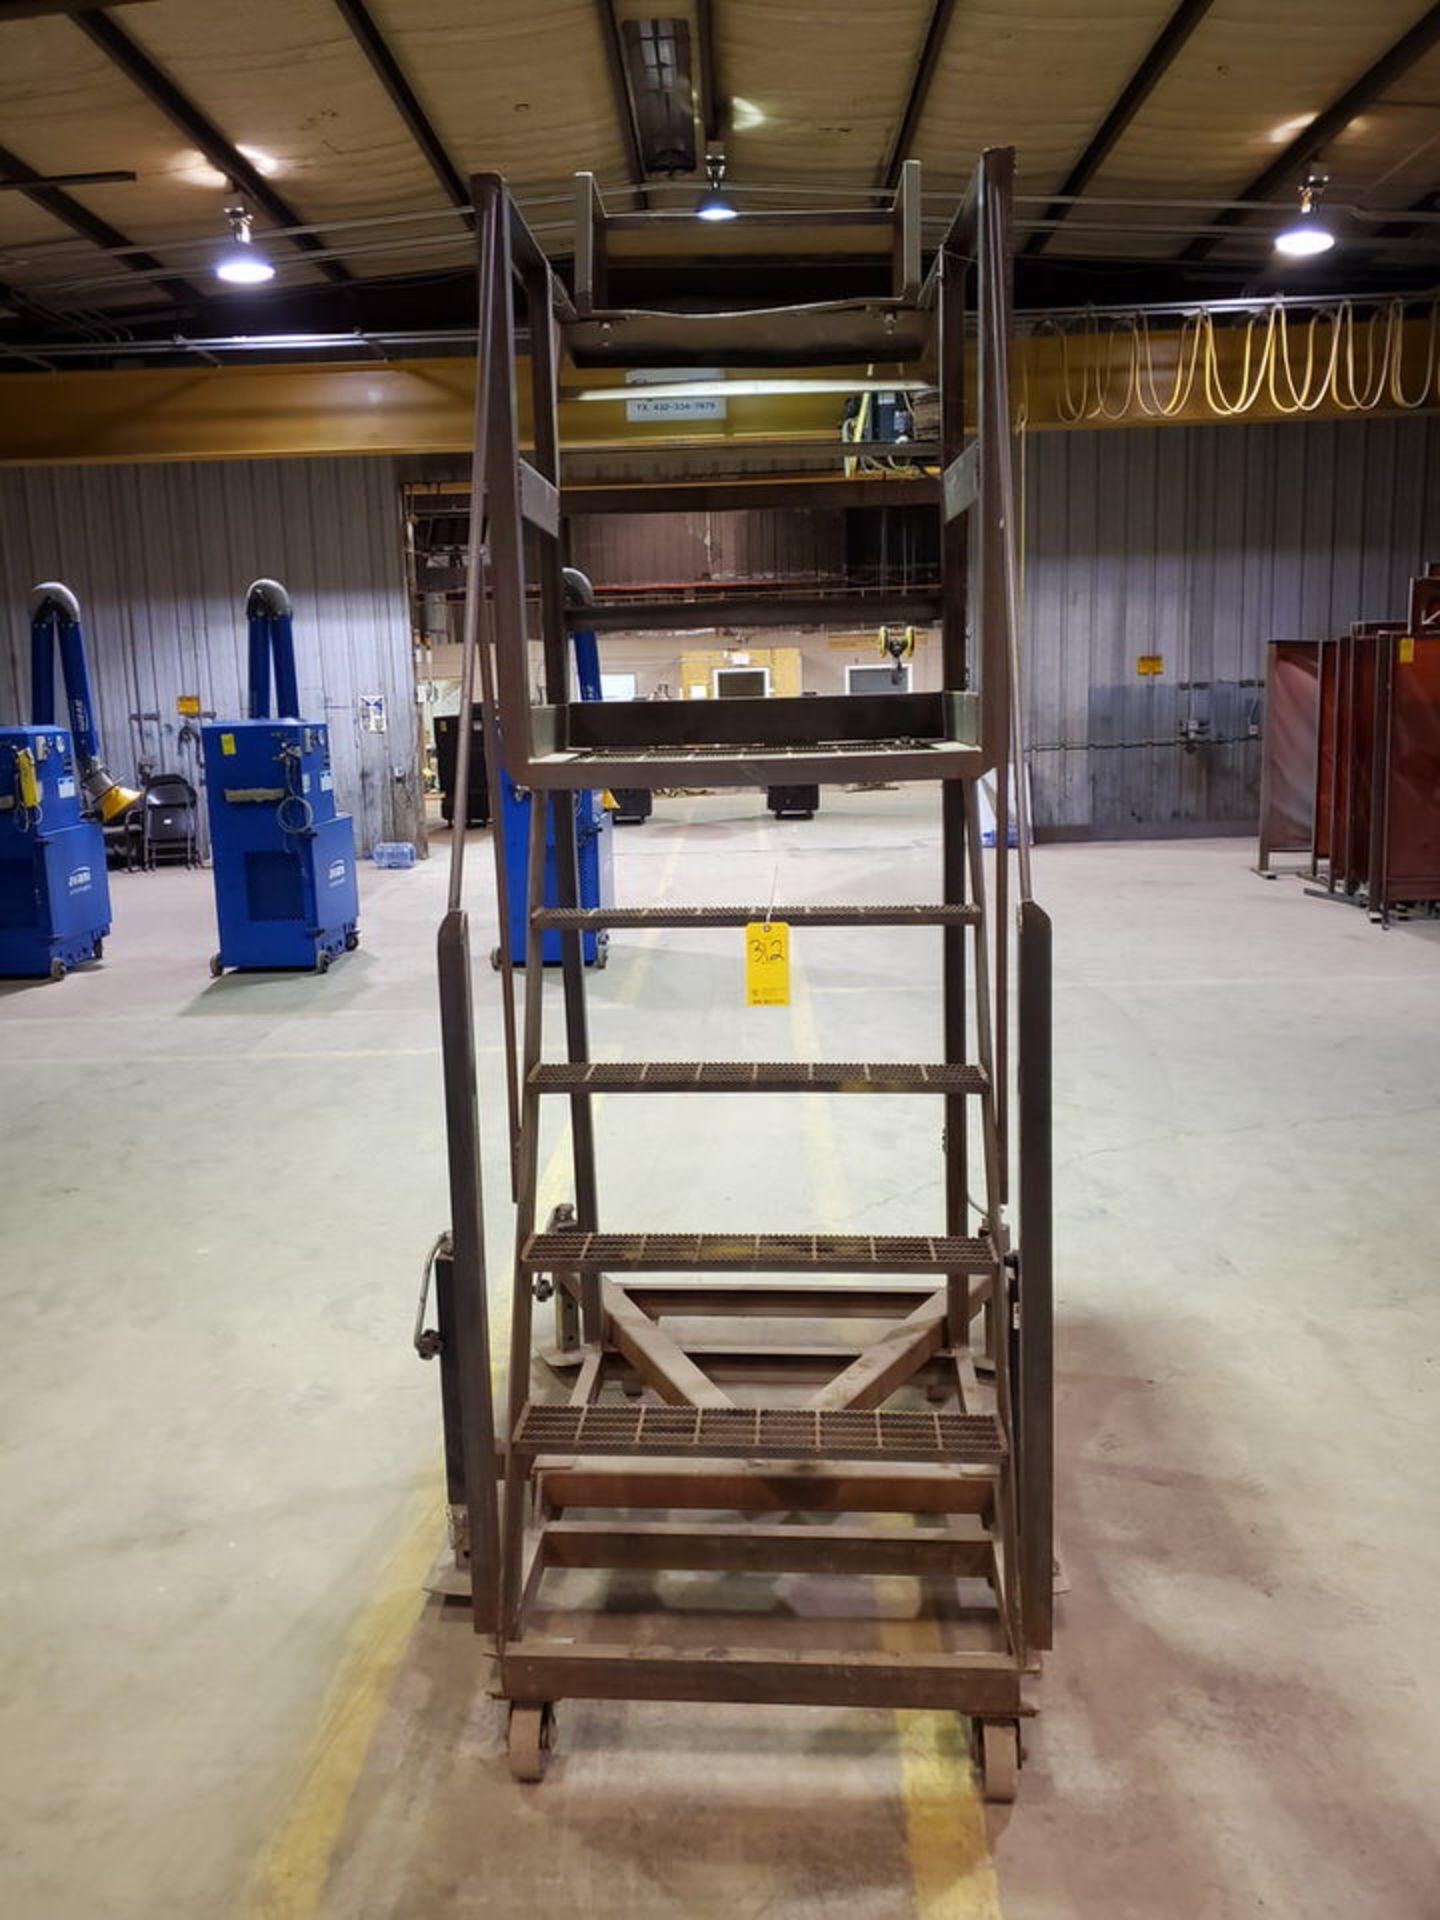 """Stl 4-Step Roling Platform Ladder 6' x 4'6"""" x 10'H; 7K Cap. - Image 2 of 8"""